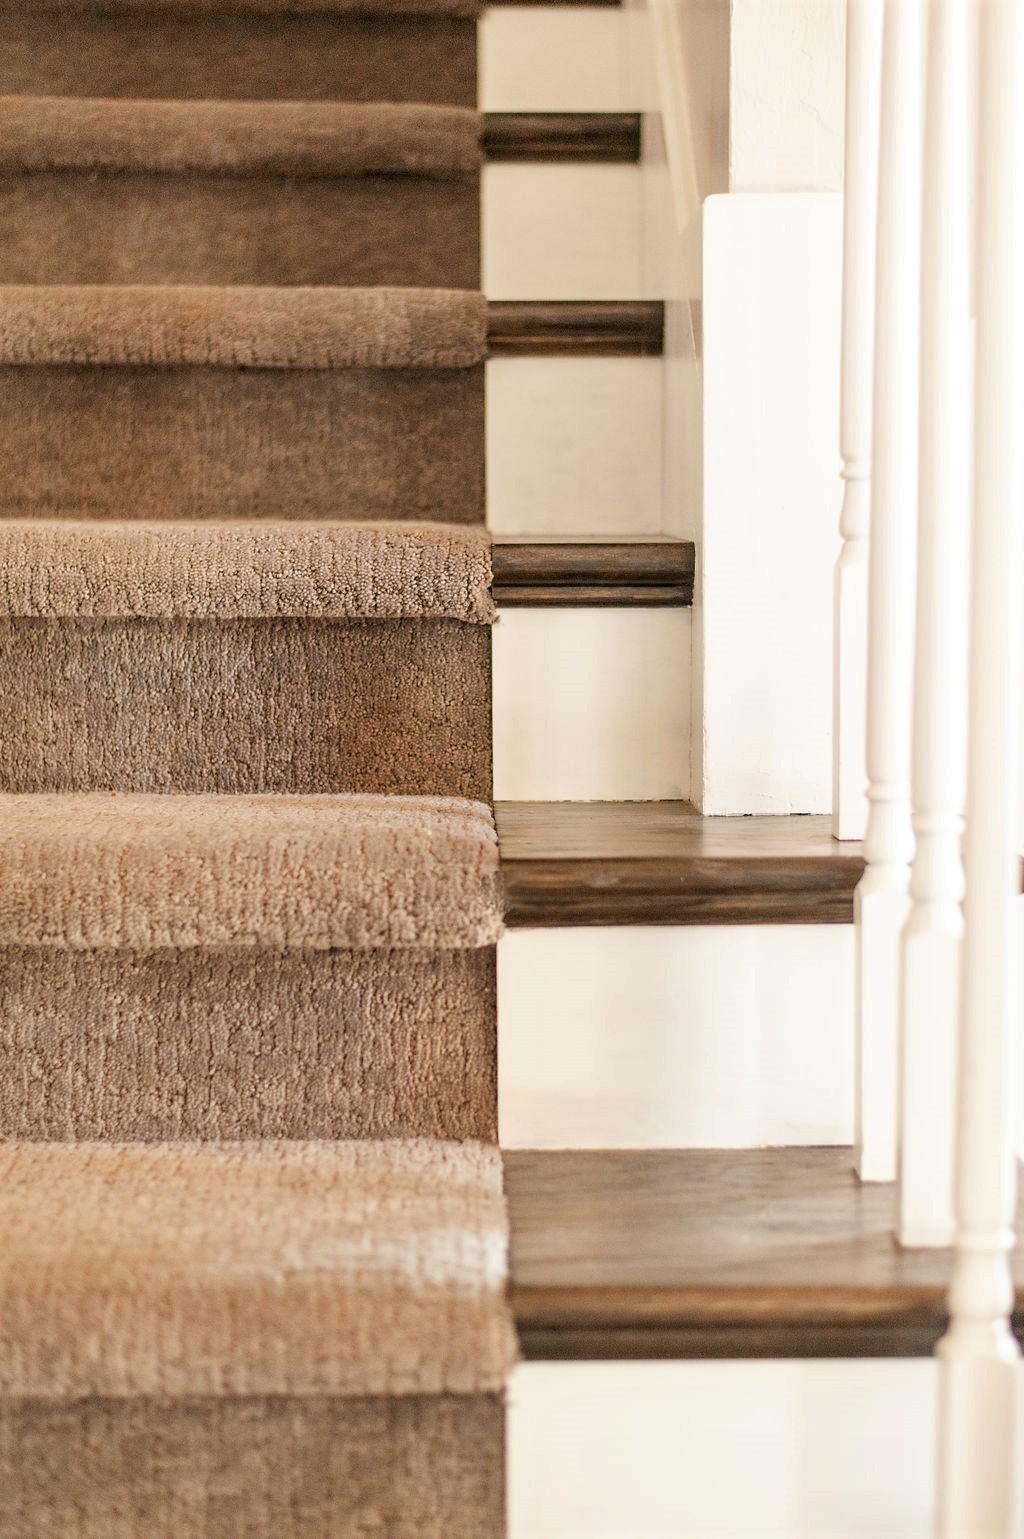 Blank-Canvas-Interior-Design-in-kansas-city-Stairs.jpg